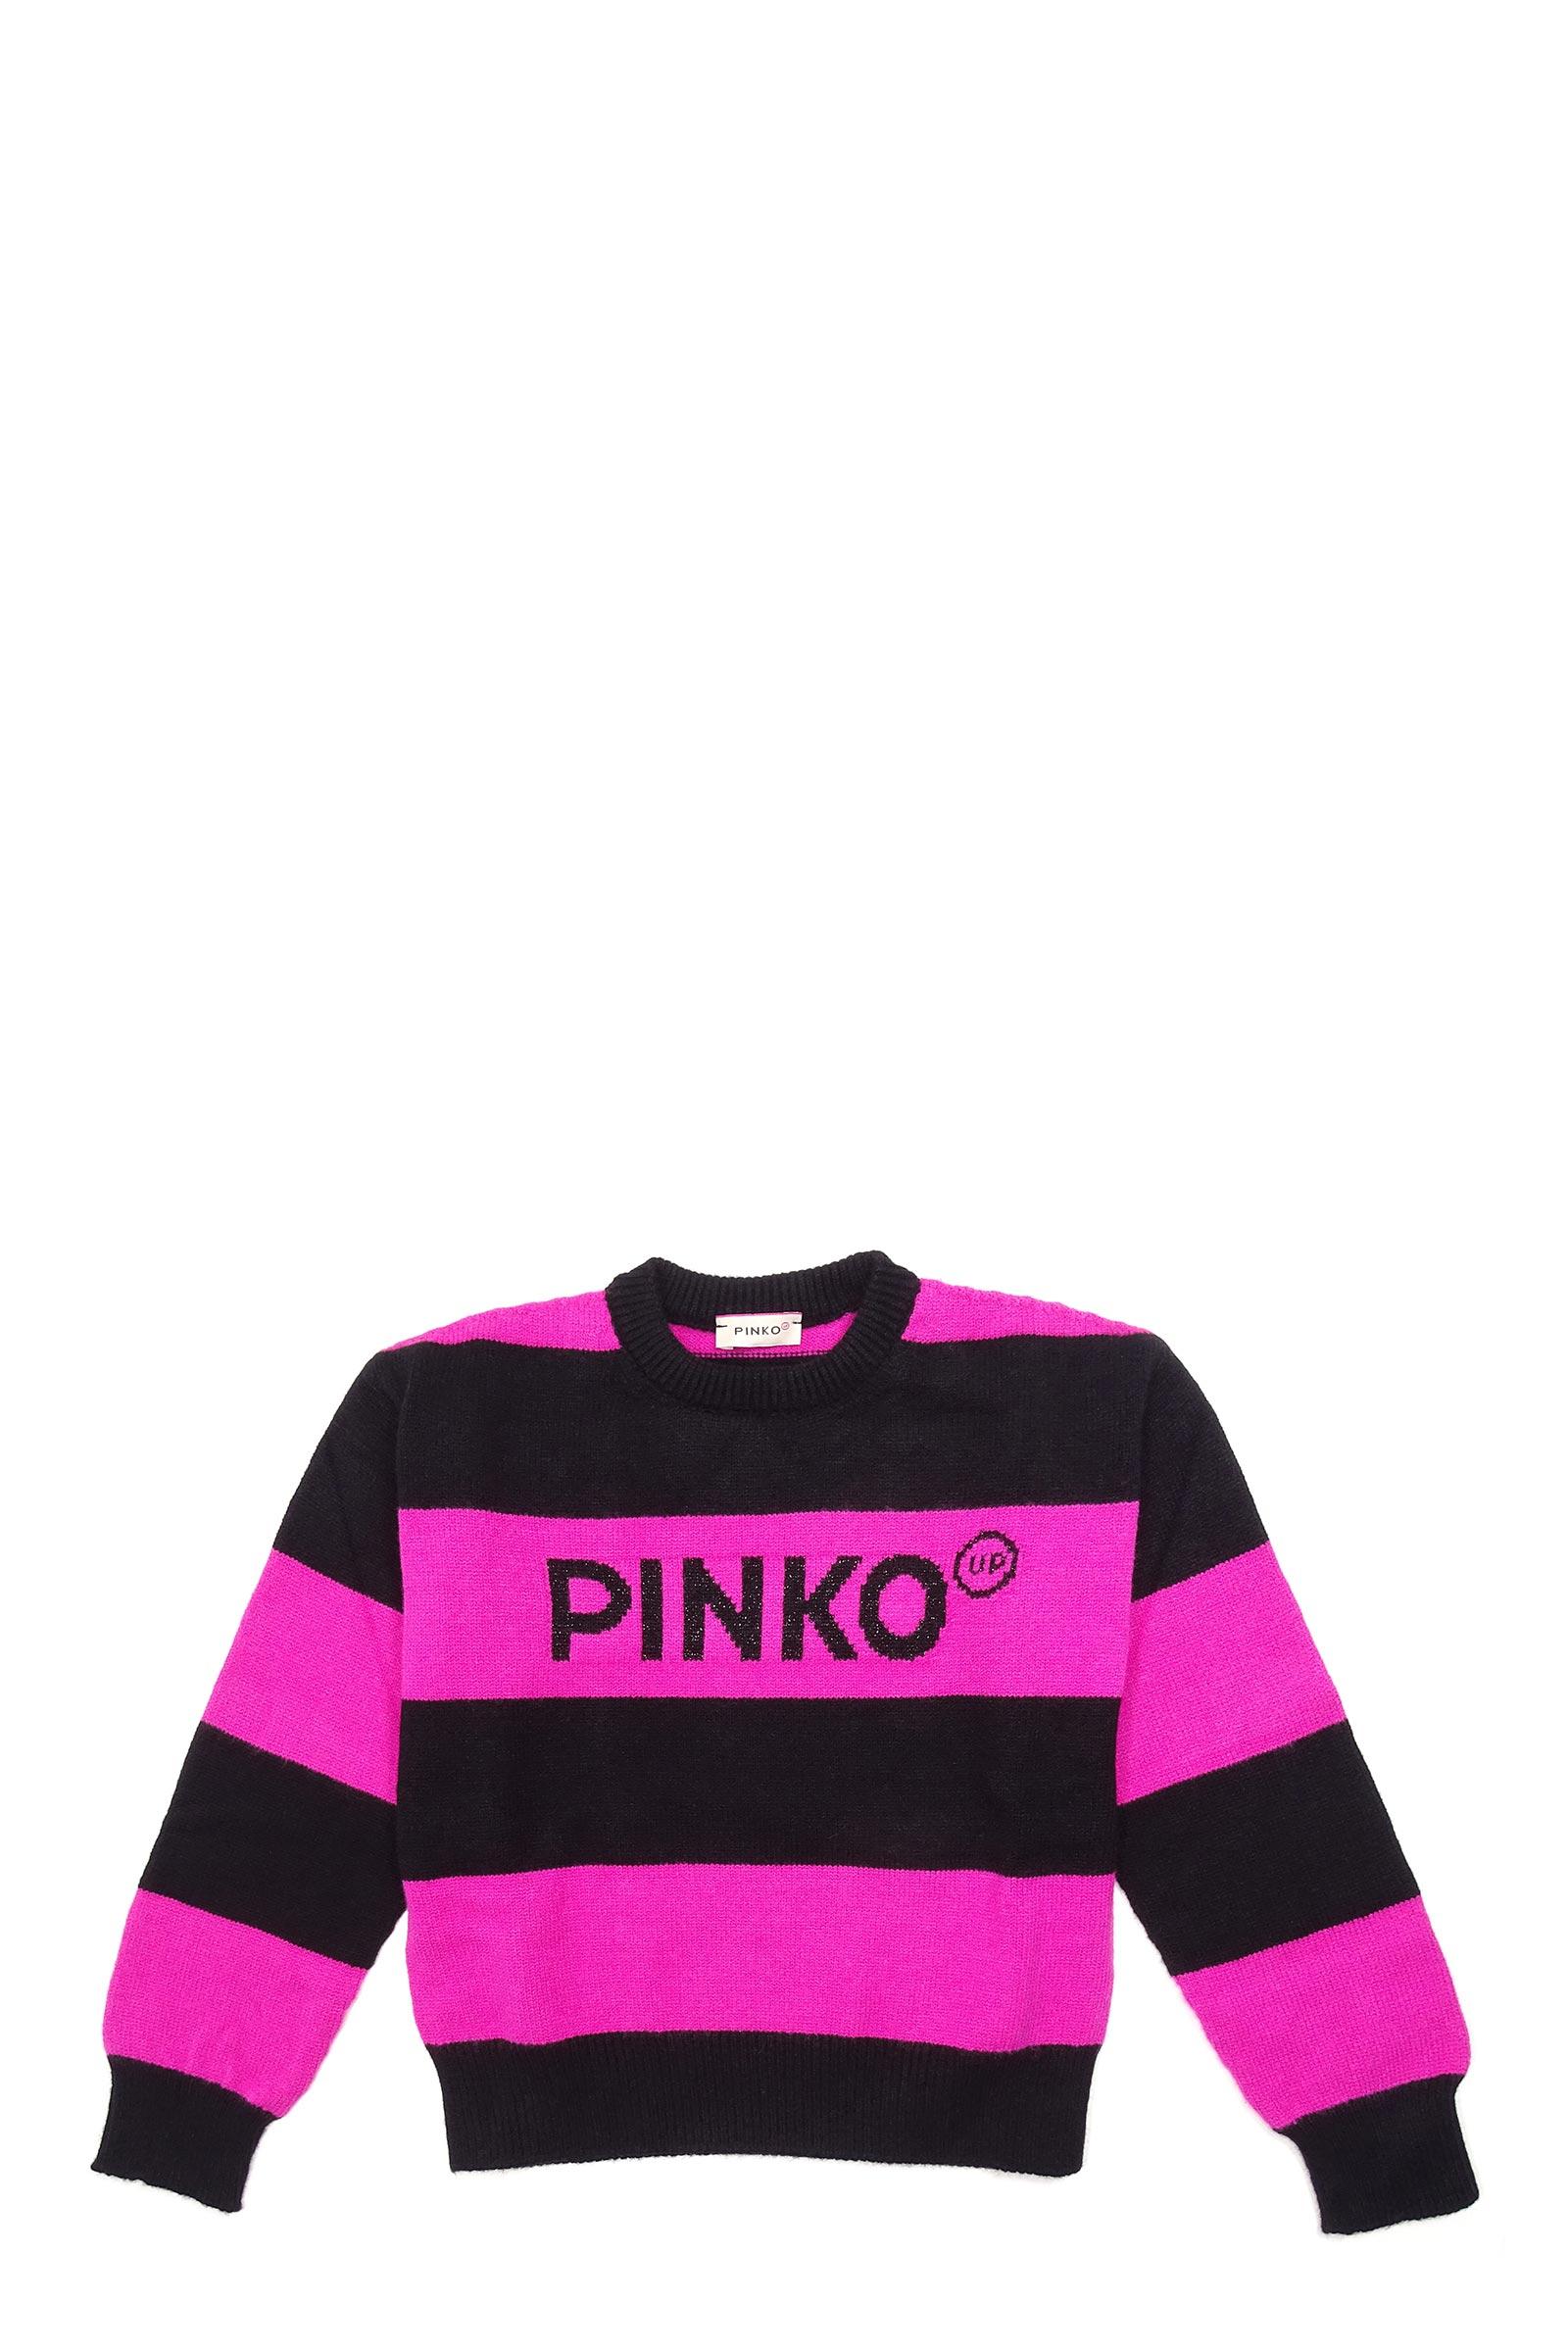 Pinko Togo Maglione Donna